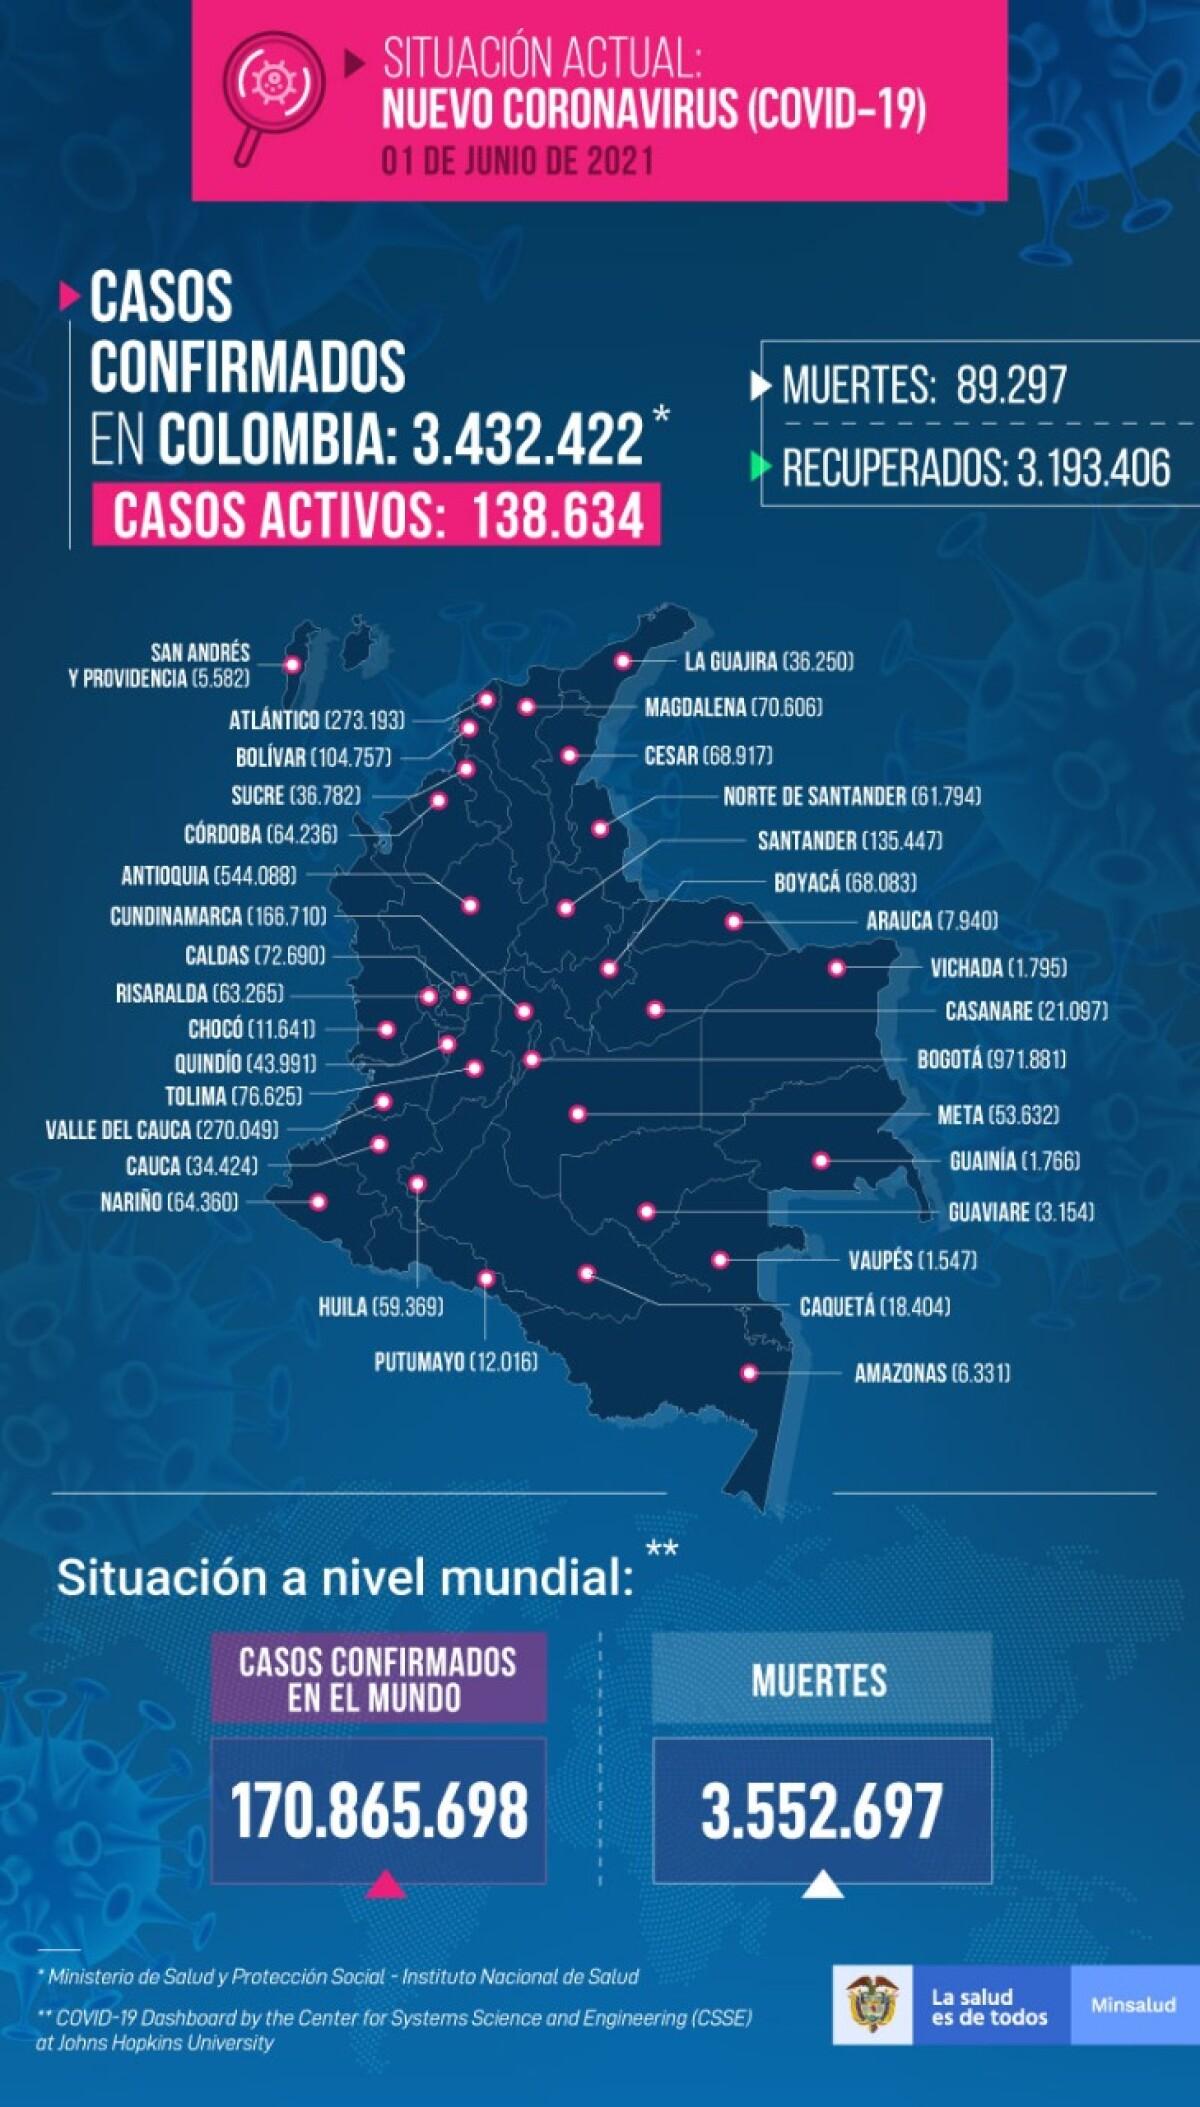 Fallecidos por COVID-19 en Colombia 1 de junio de 2021.jpeg